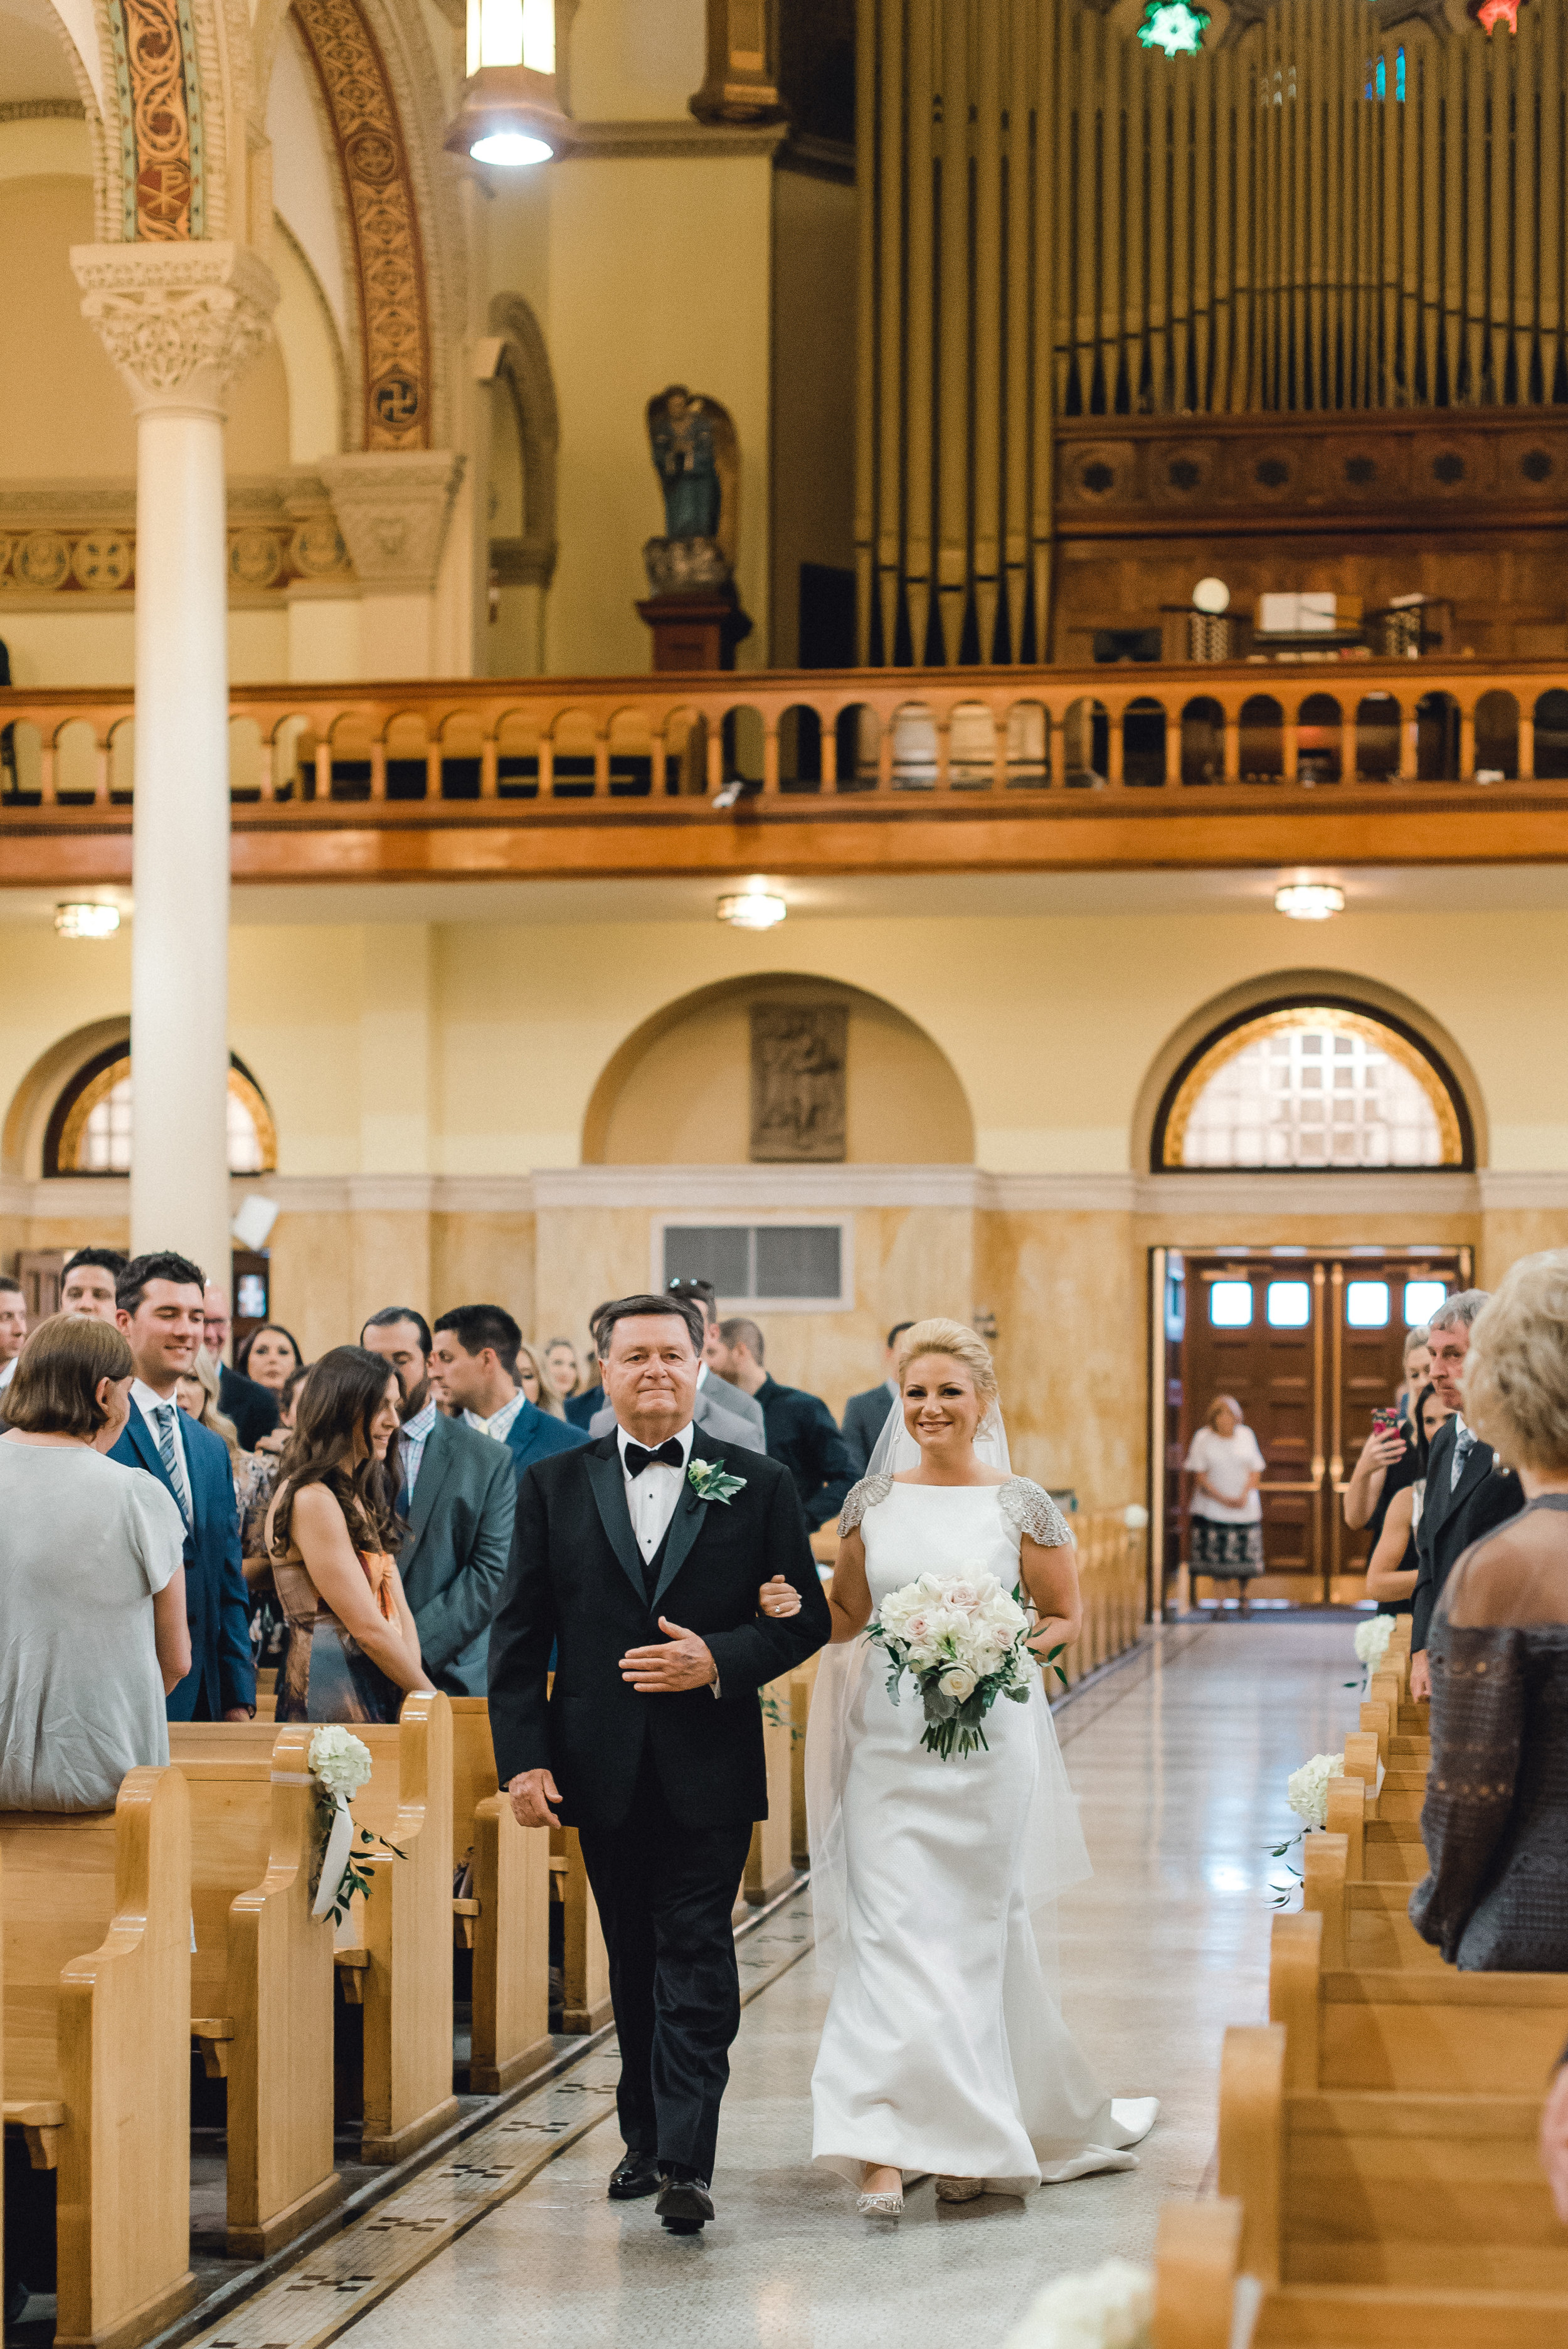 omni-william-penn-wedding-classic-chic-modern-photography-0017.jpg